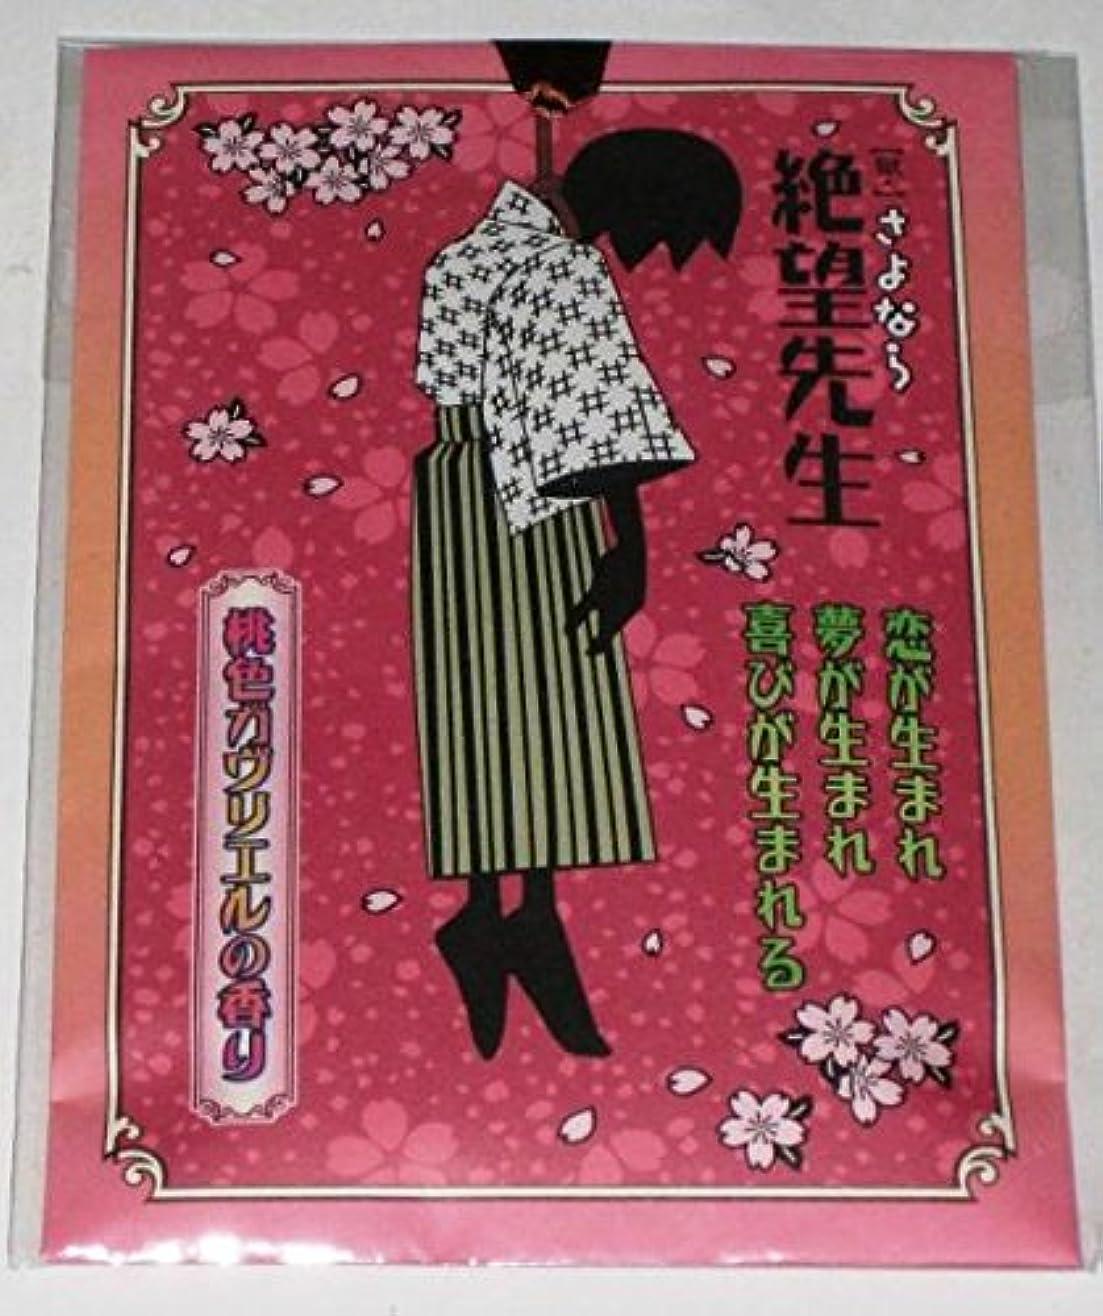 紳士運営ランタン久米田康治「獄?さよなら絶望先生」香り袋/桃色ガヴリエルの香